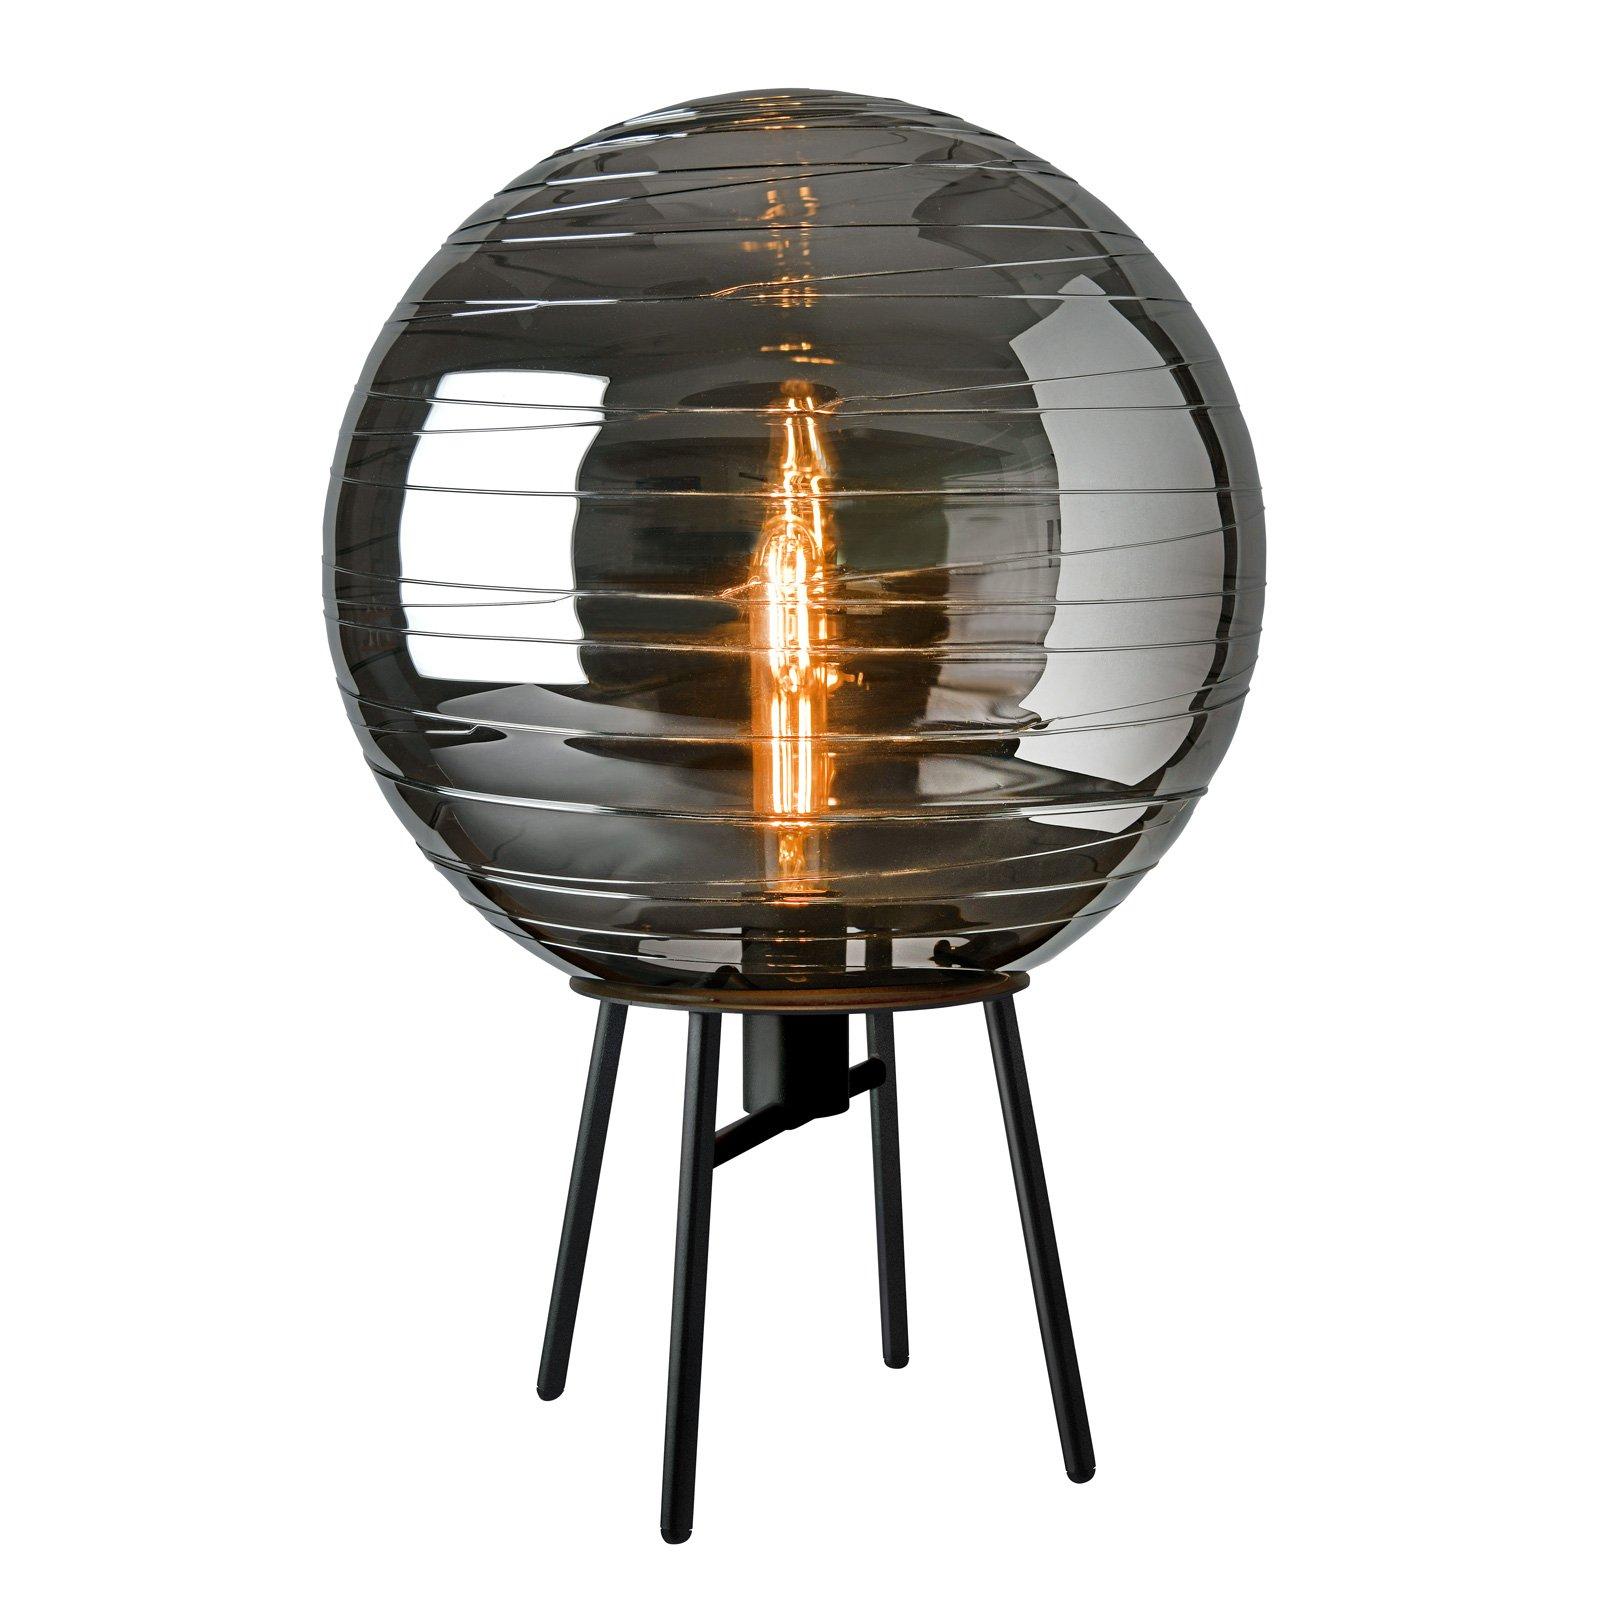 Bordlampe Lantaren, glass røykgrå